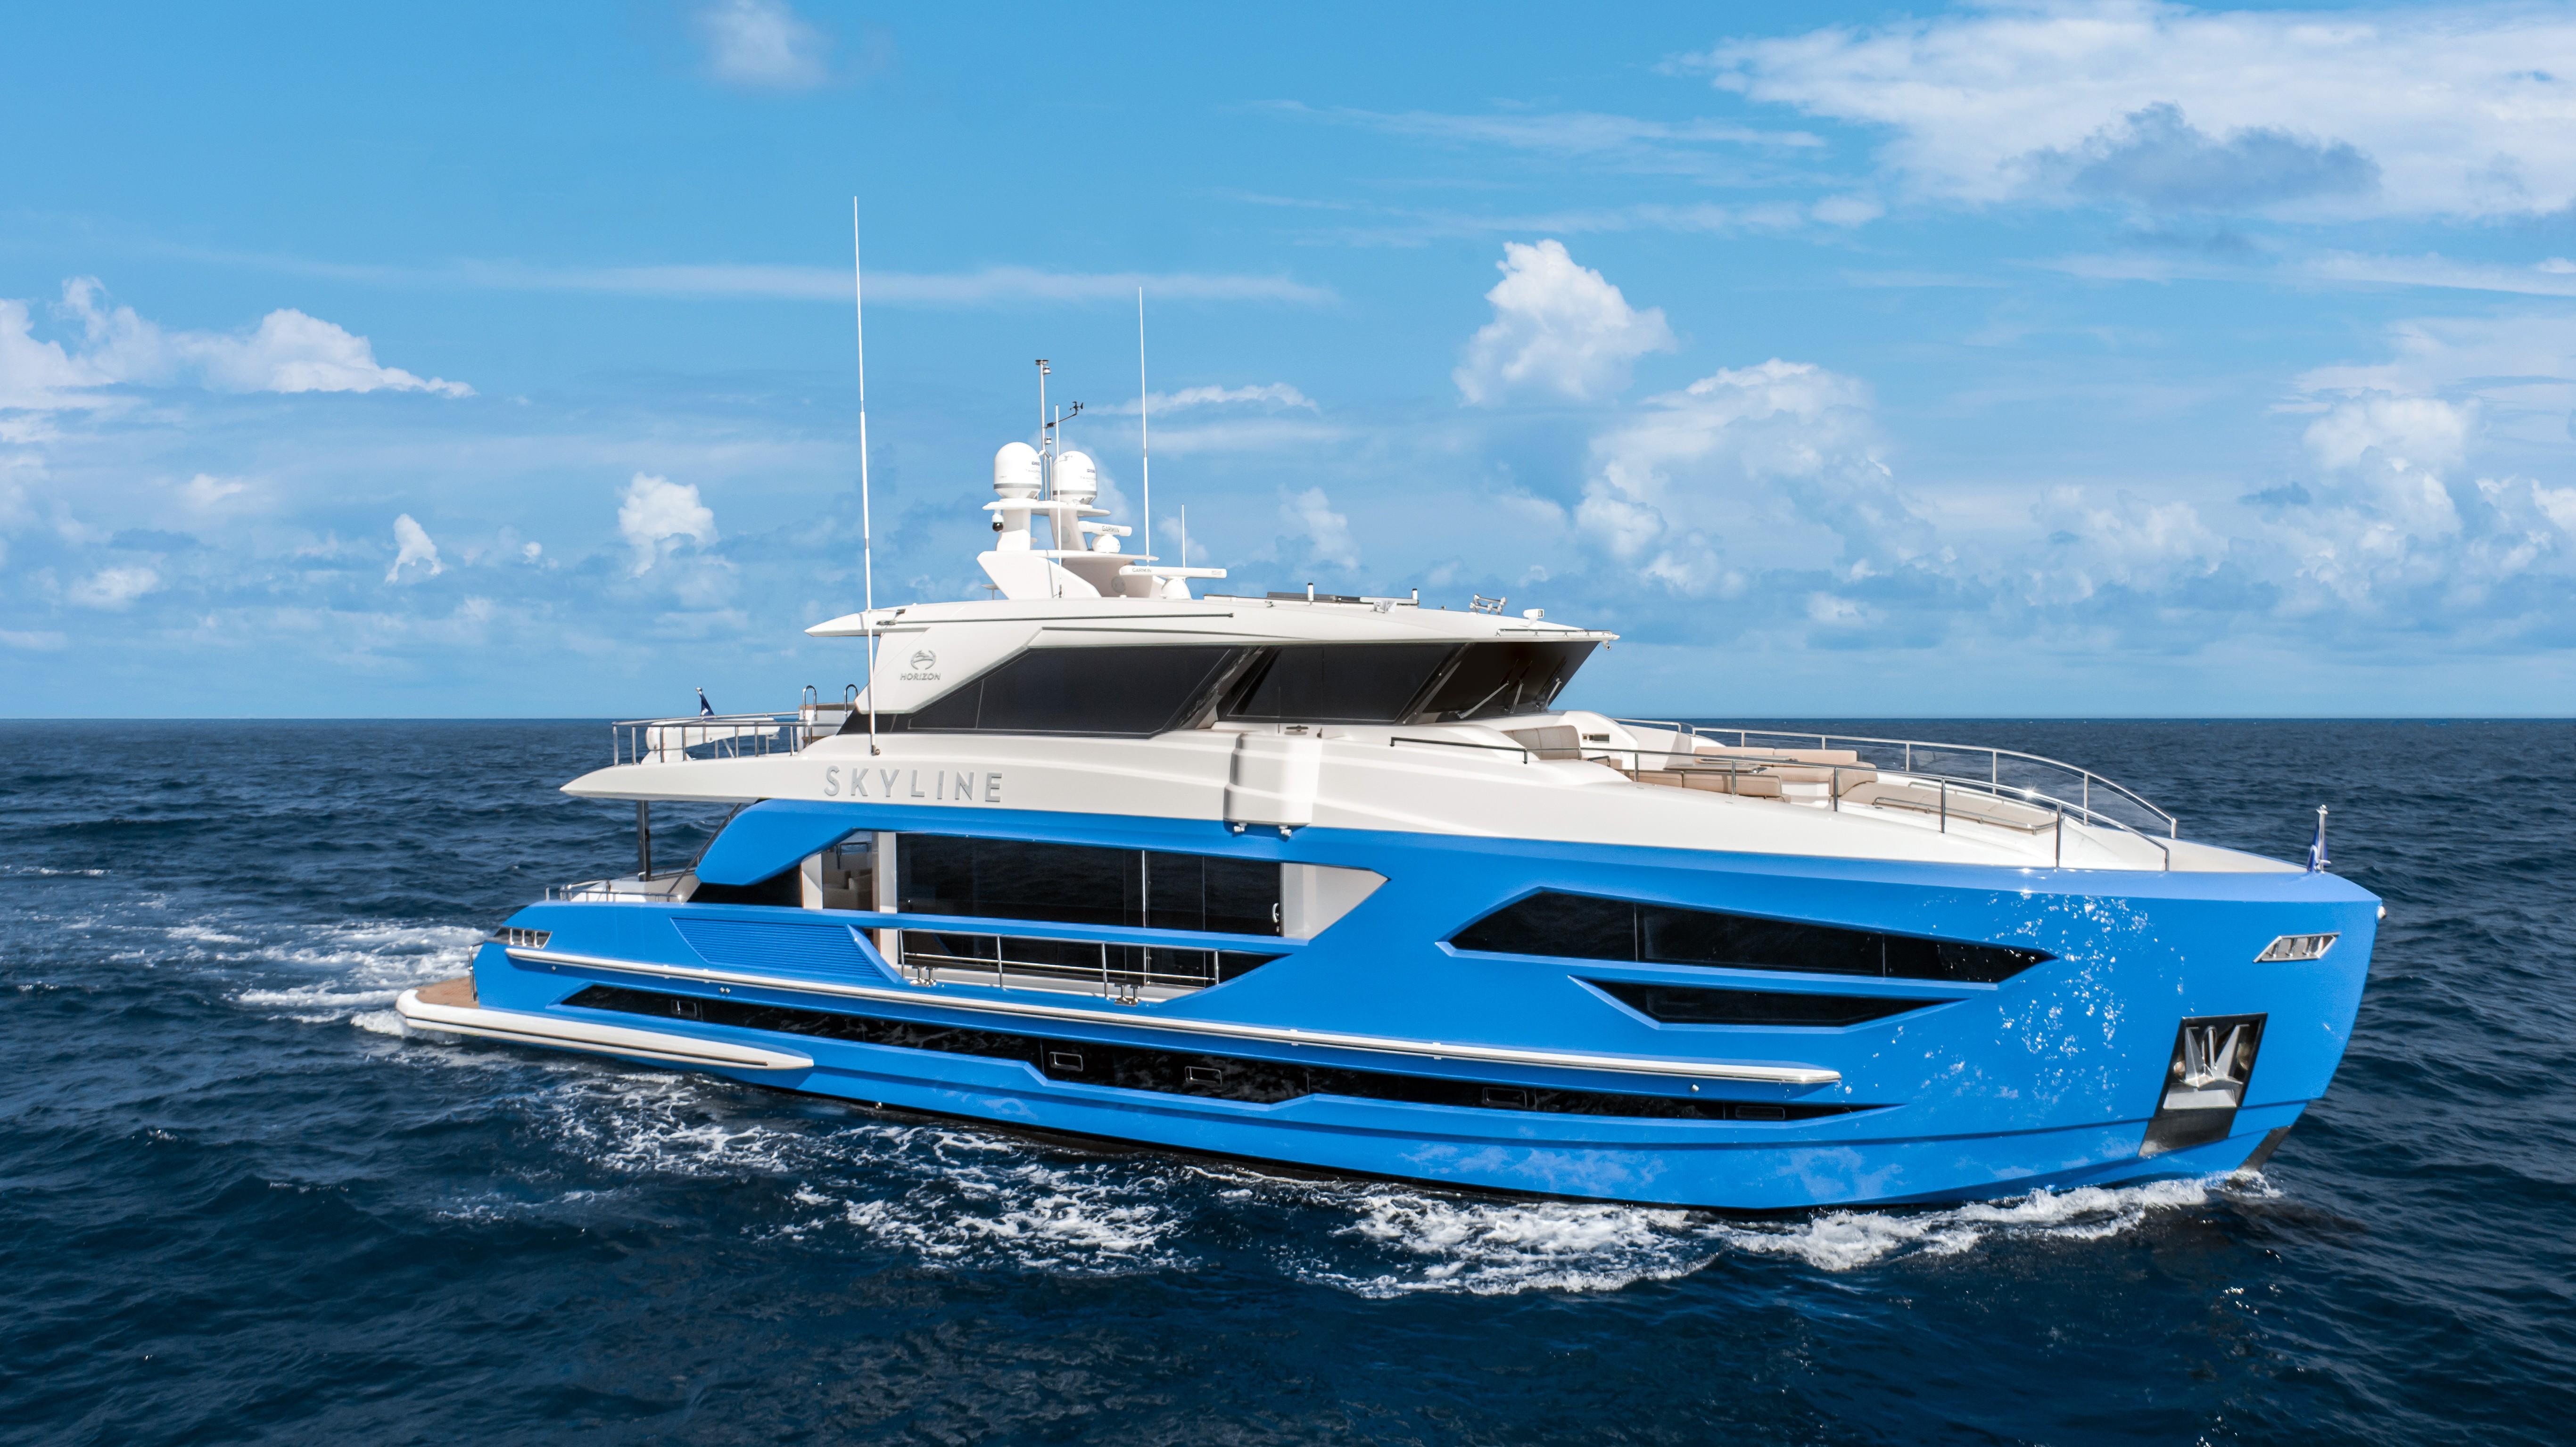 87呎豪華遊艇 / 嘉鴻遊艇股份有限公司